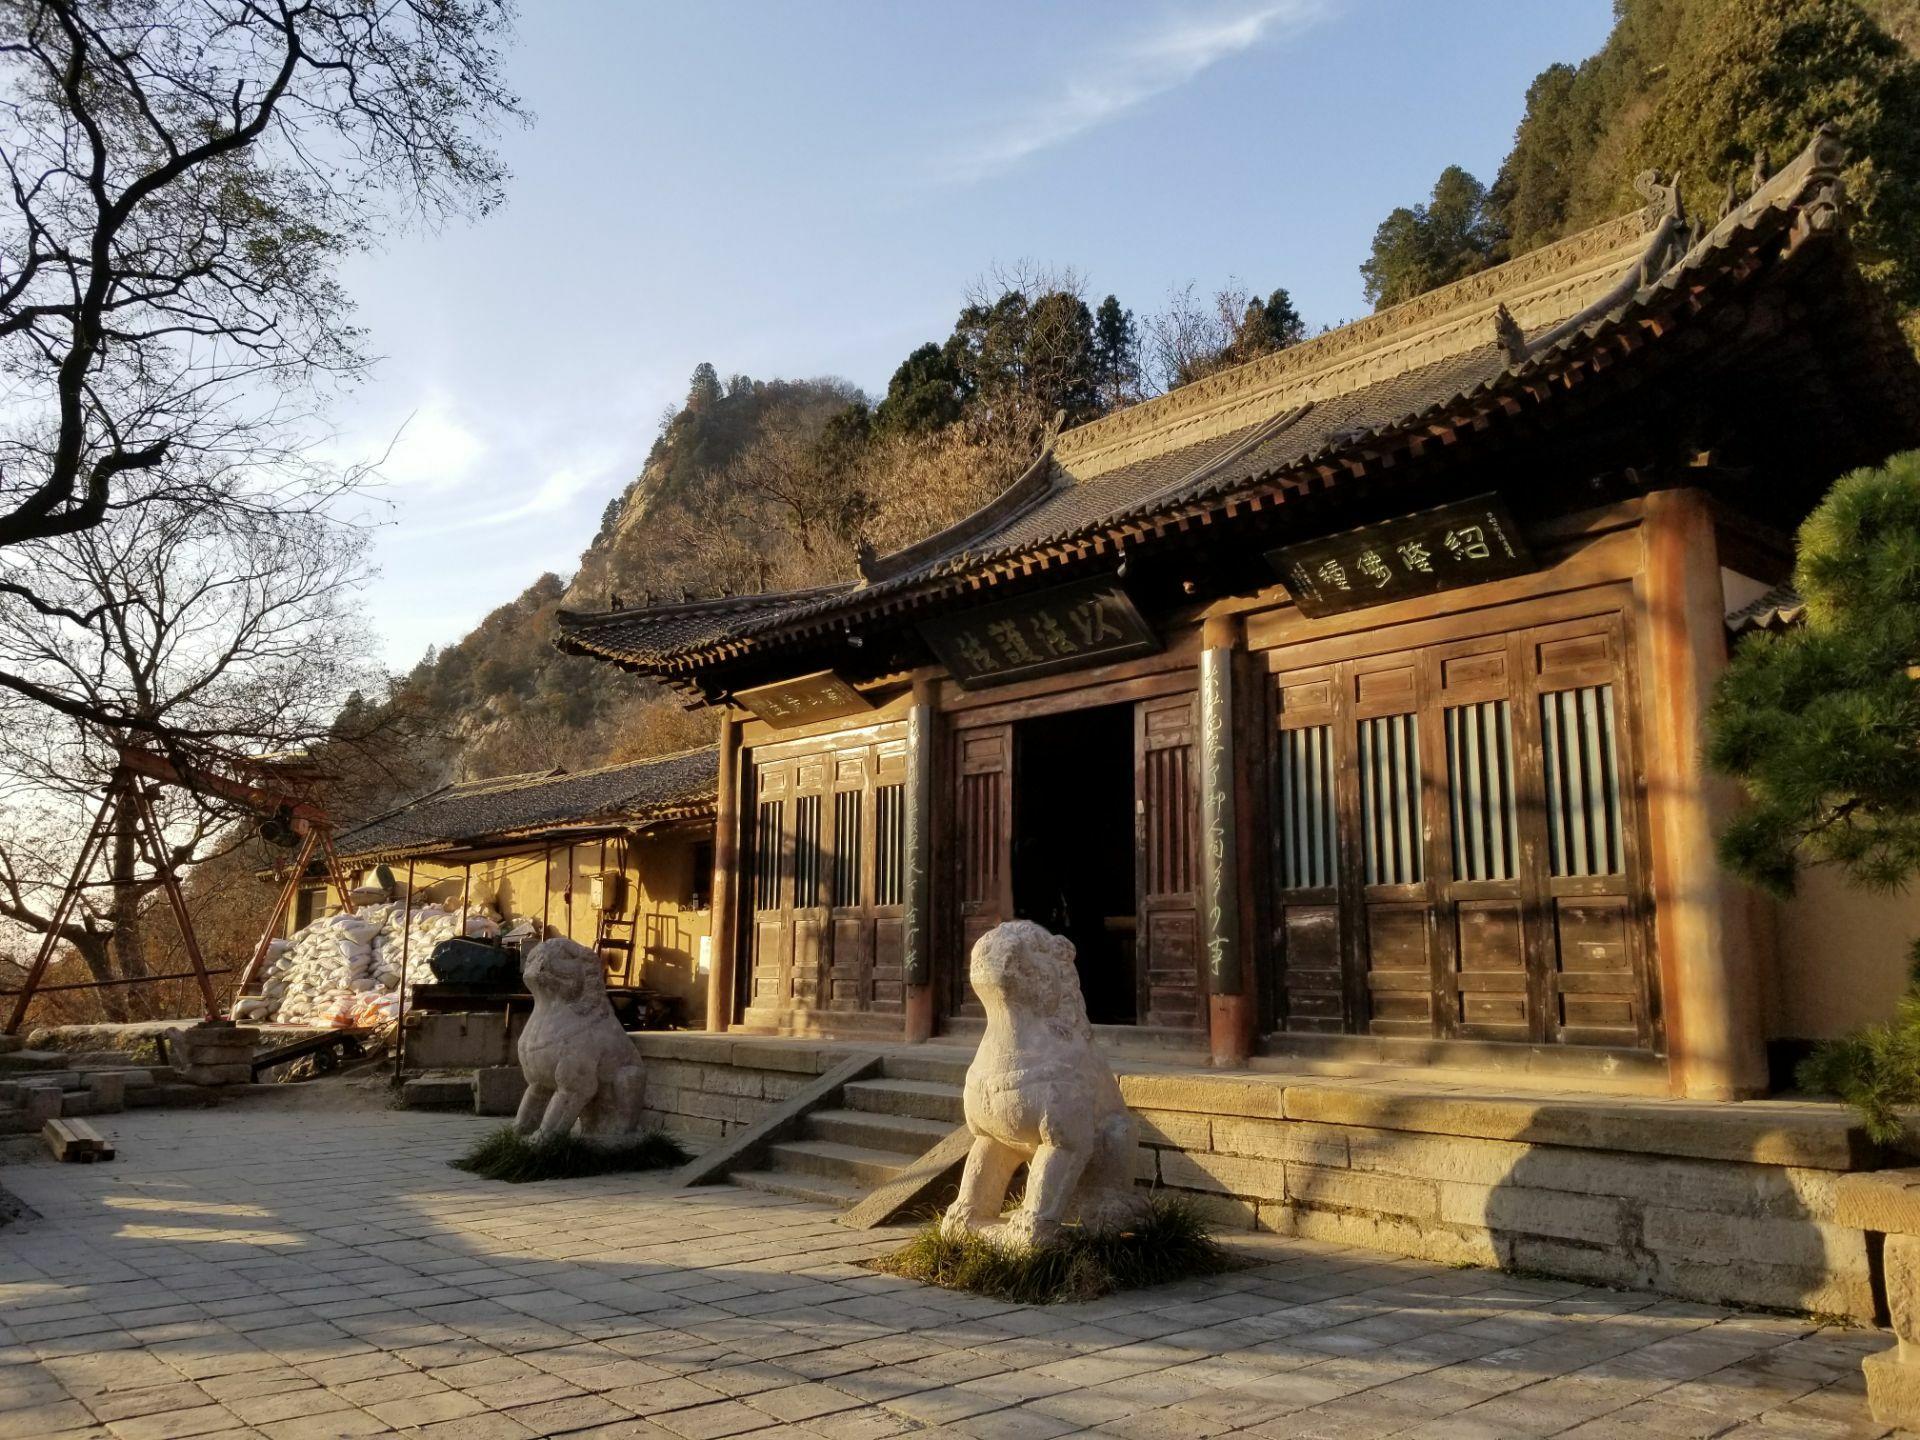 陕西省 西安市 净业寺 佛教律宗的祖庭